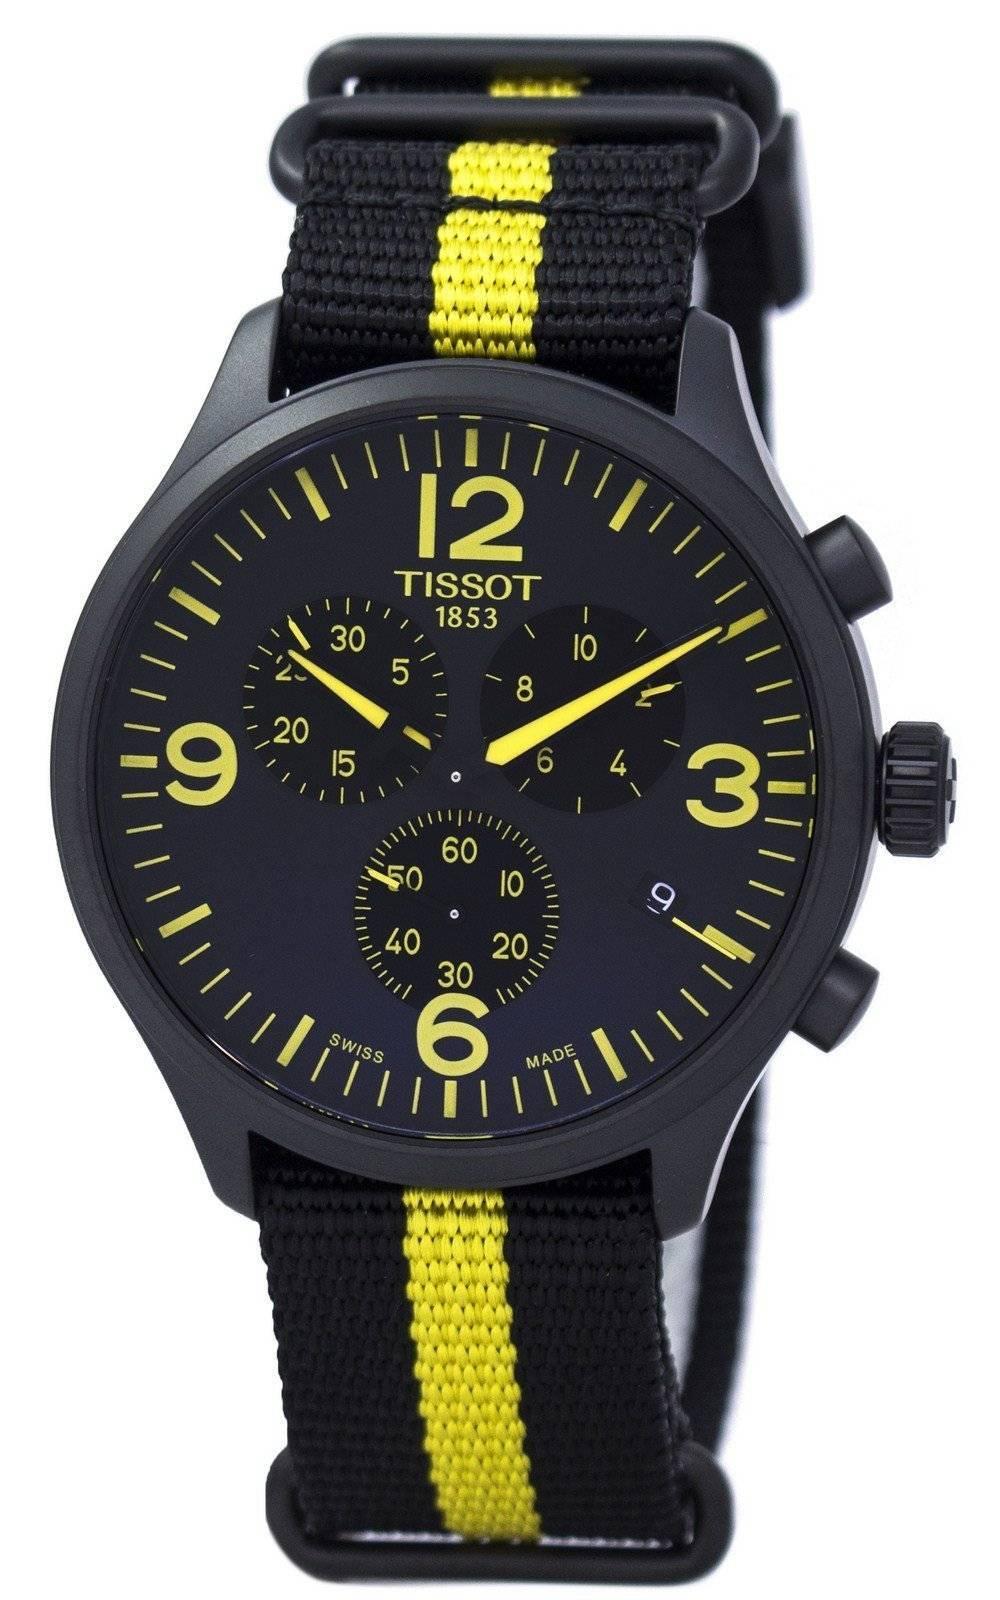 Tissot-Chrono-XL-Tour-De-France-Special-Edition-T116-617-37-057-00-Men-039-s-Watch